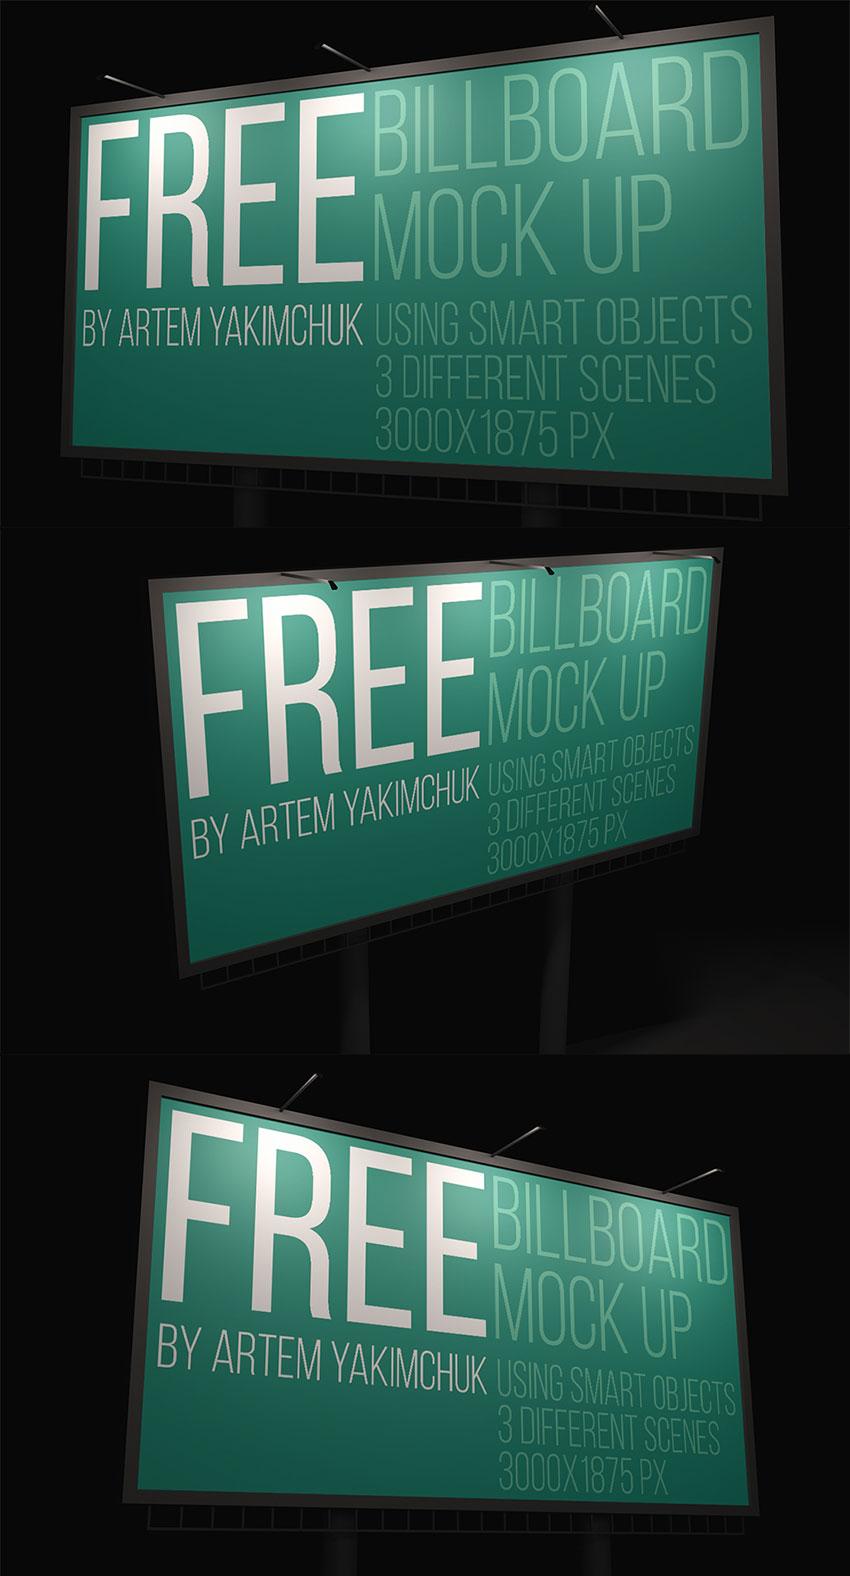 Free Night Billboard Mockup